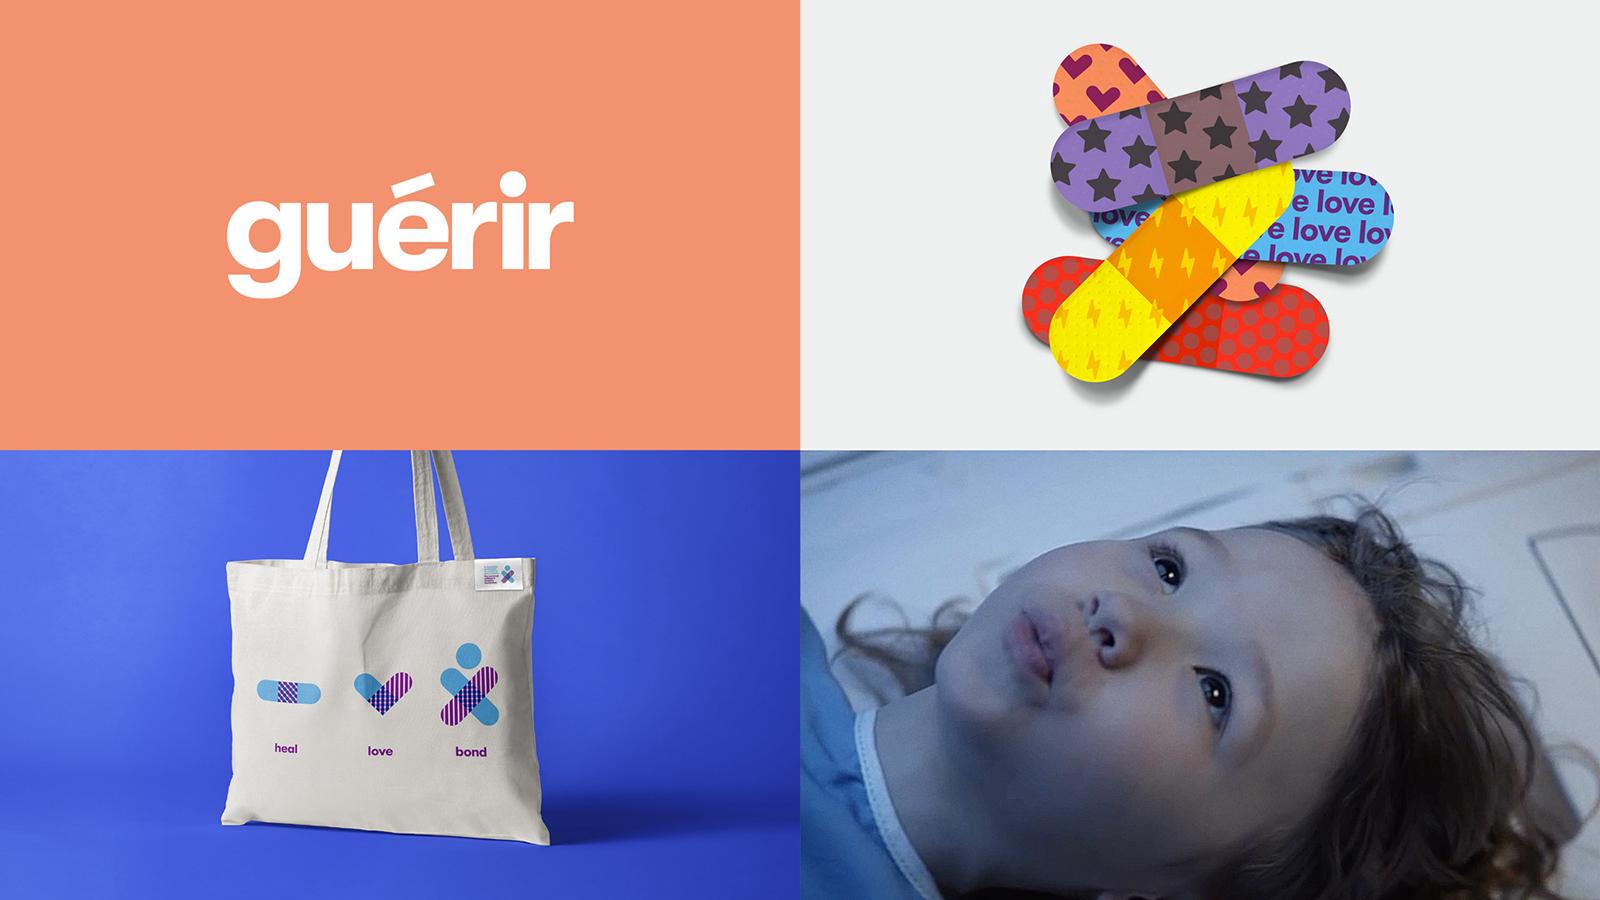 蒙特利爾兒童醫院基金會啟動新的logo和形象-VI設計4